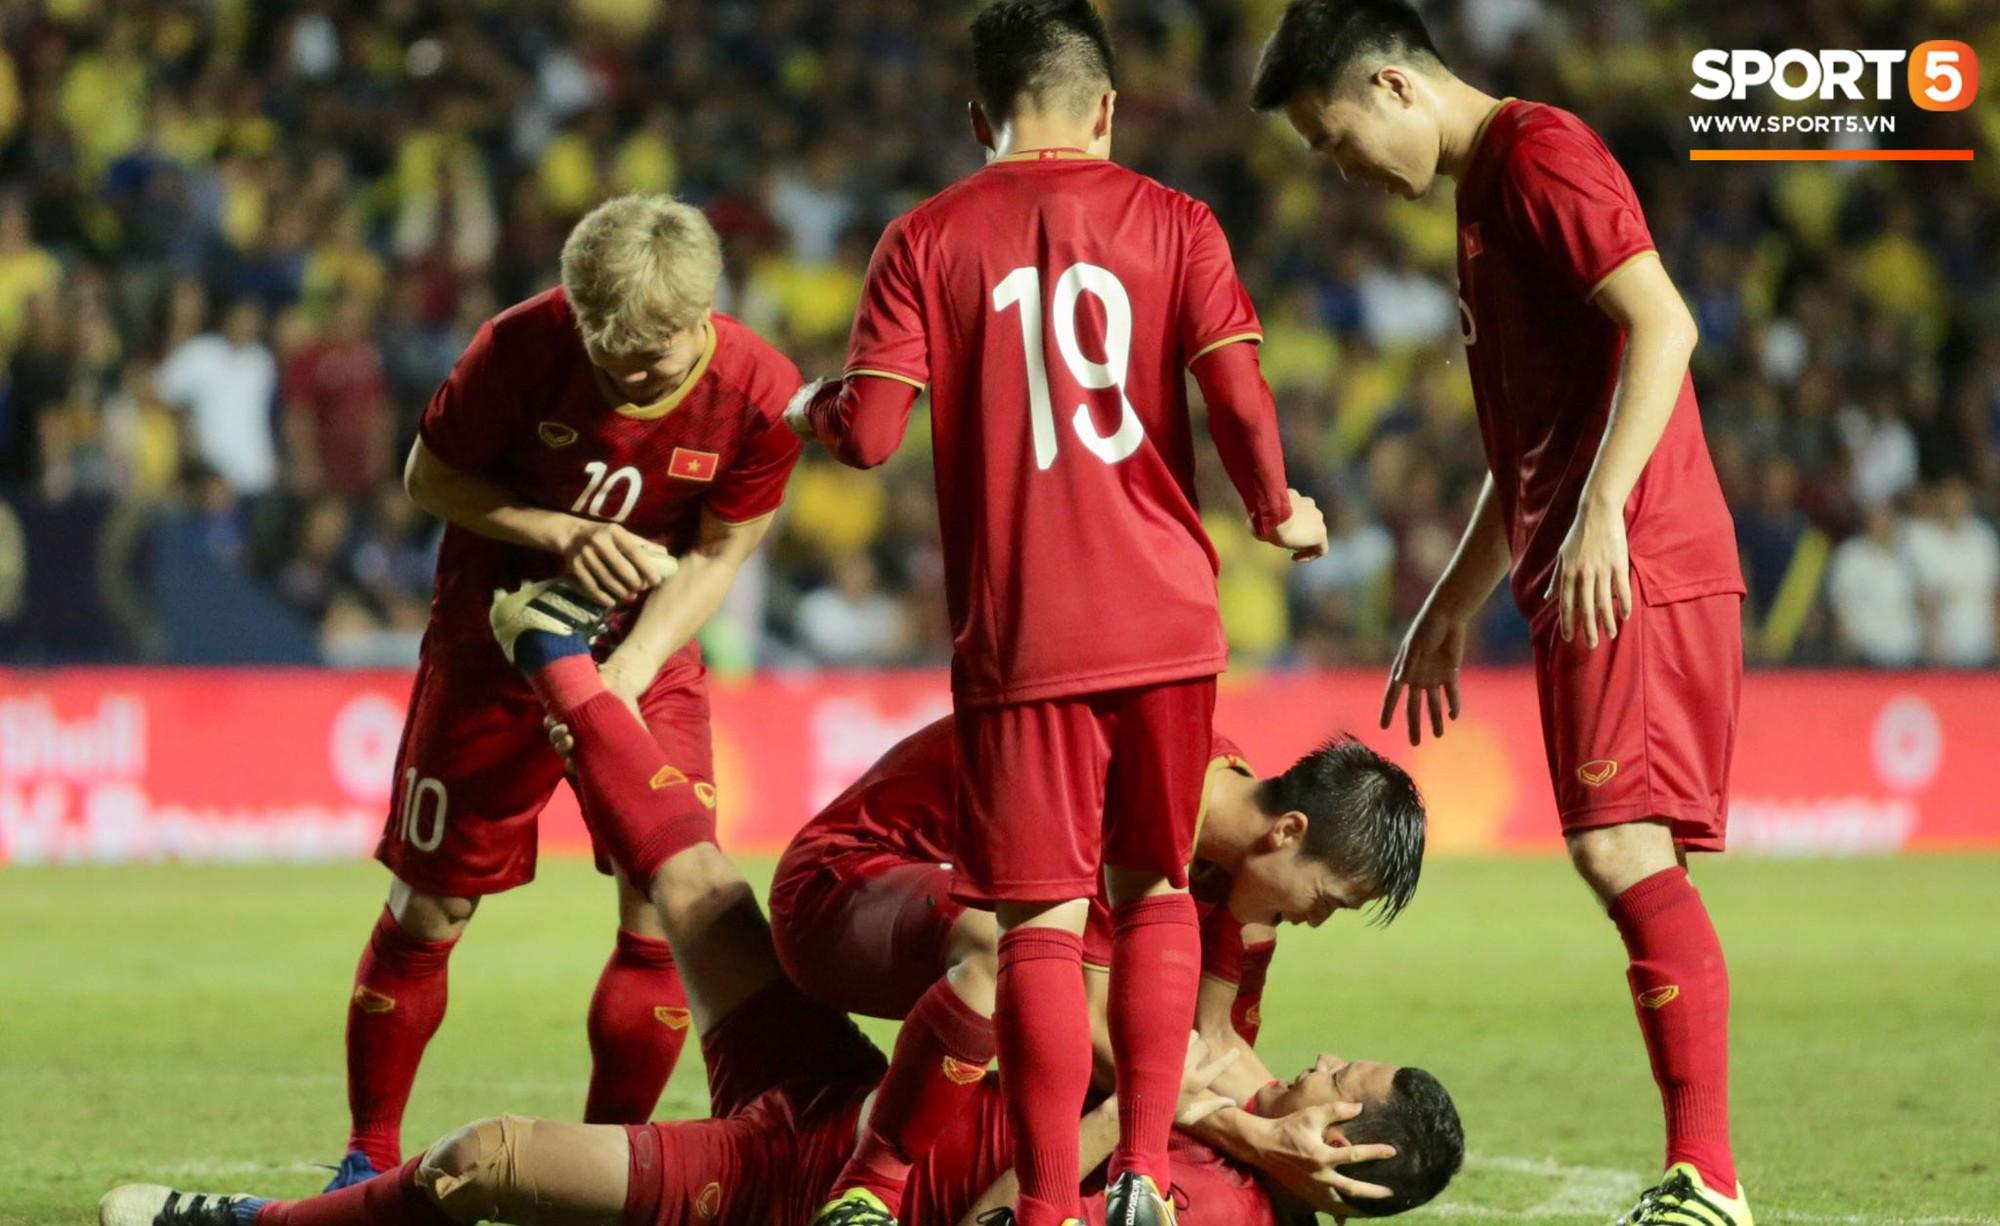 Anh Đức gục ngã đau đớn sau pha ghi bàn vào lưới Thái Lan, nhưng vẫn kịp nở nụ cười mãn nguyện khiến fan tan chảy - Ảnh 4.